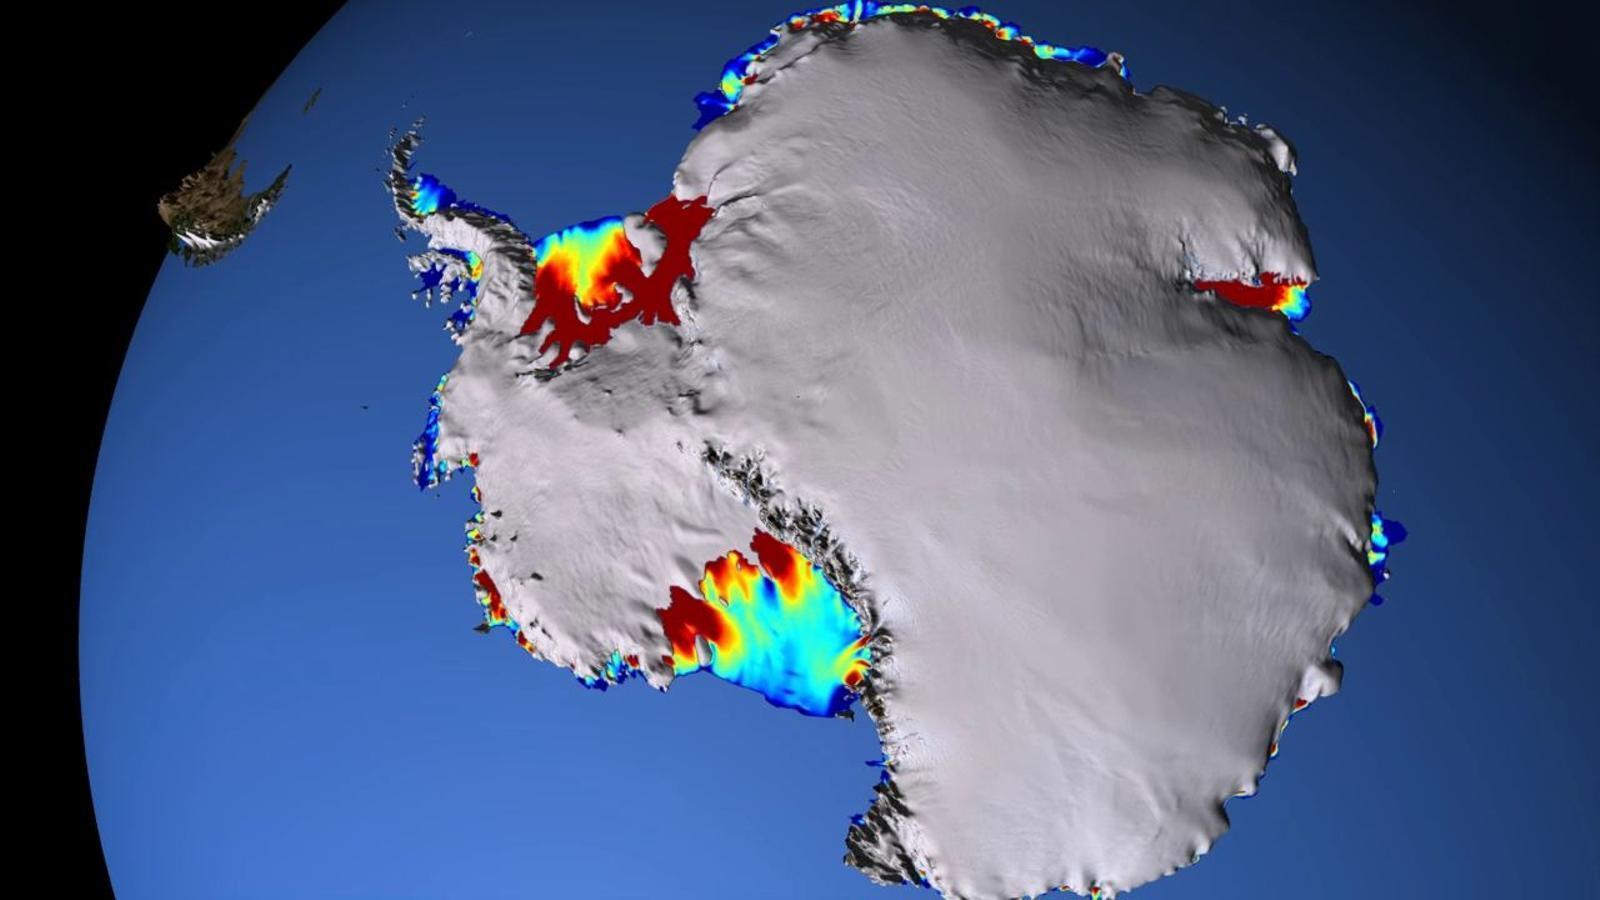 Circulació de les corrents oceàniques al voltant de l'Antàrtida